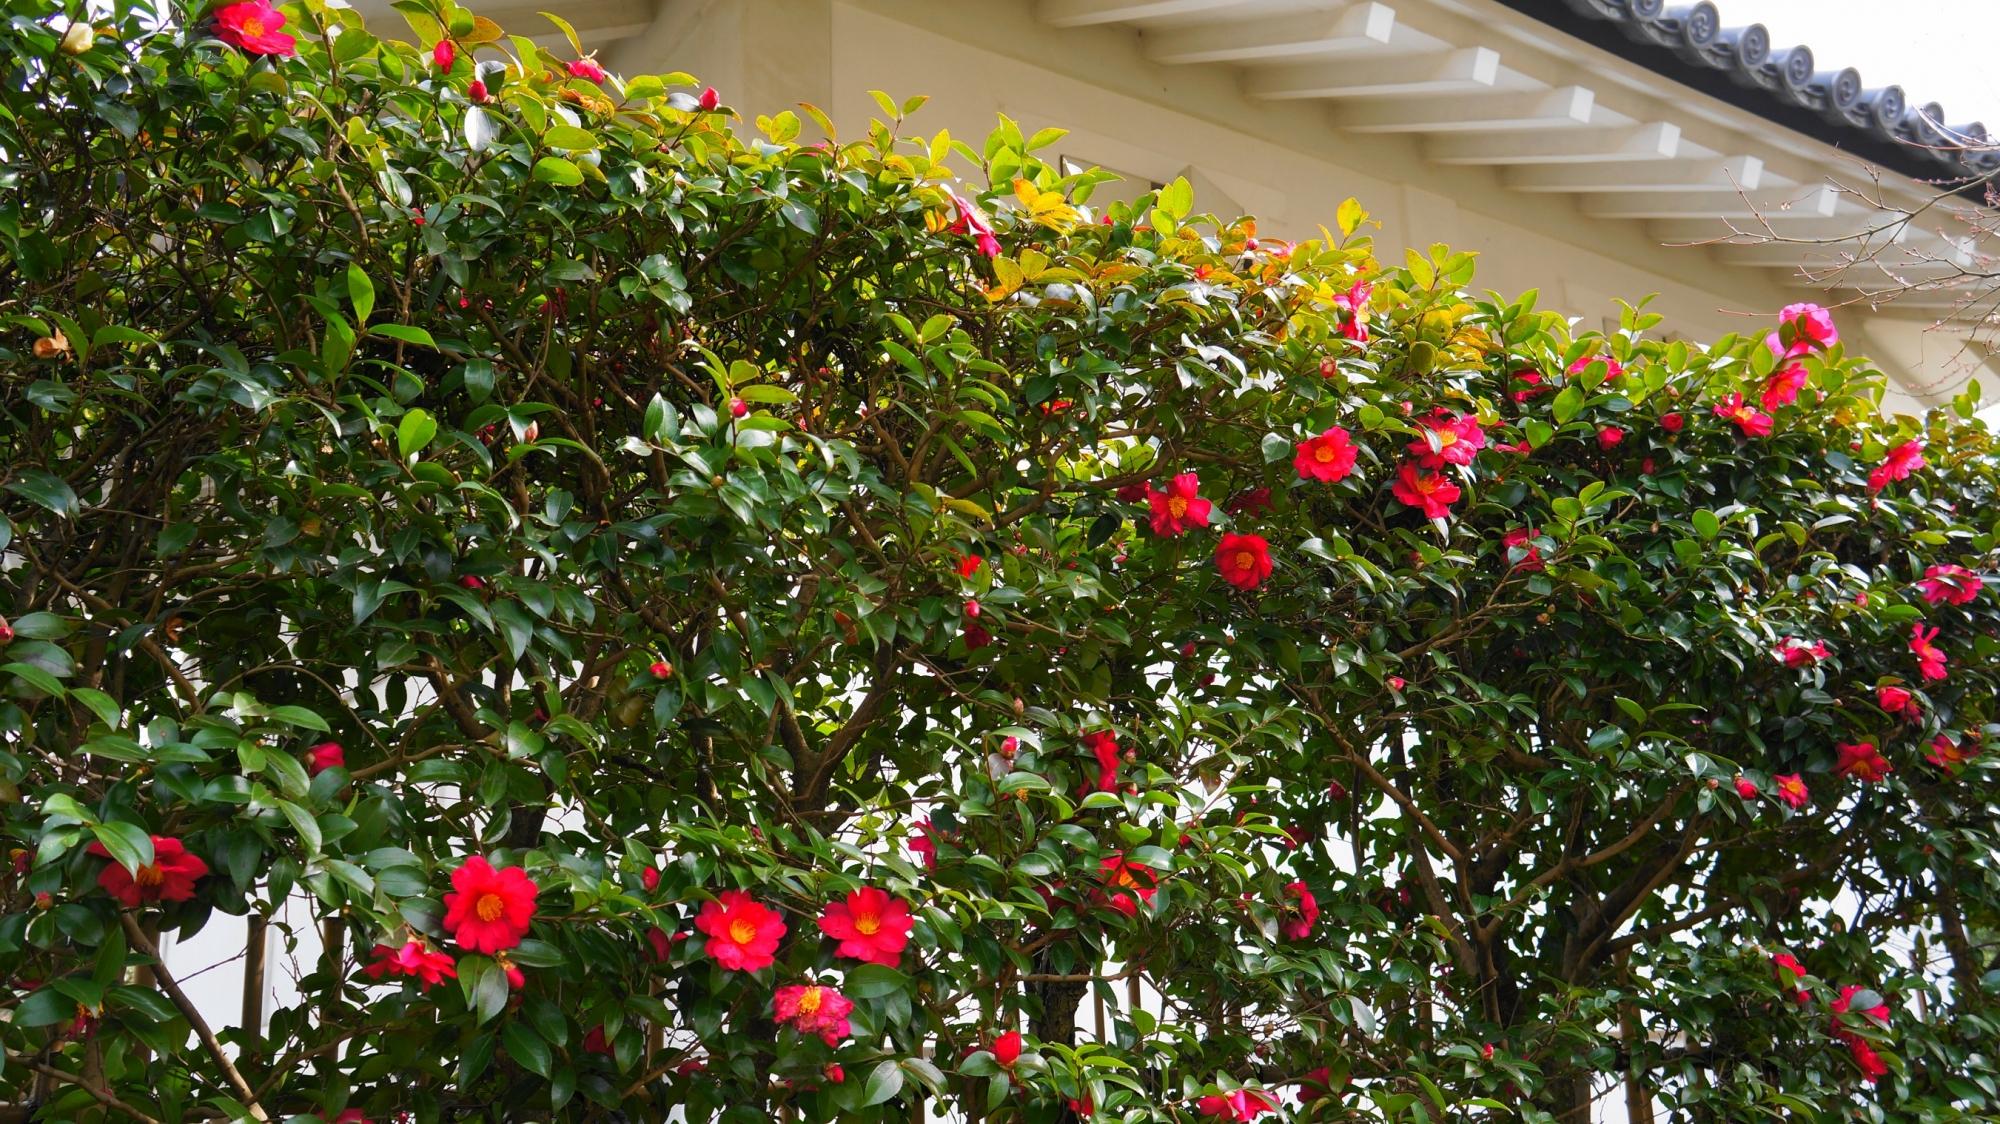 天龍寺の冬の庭園を彩る鮮やかな椿(ツバキ)